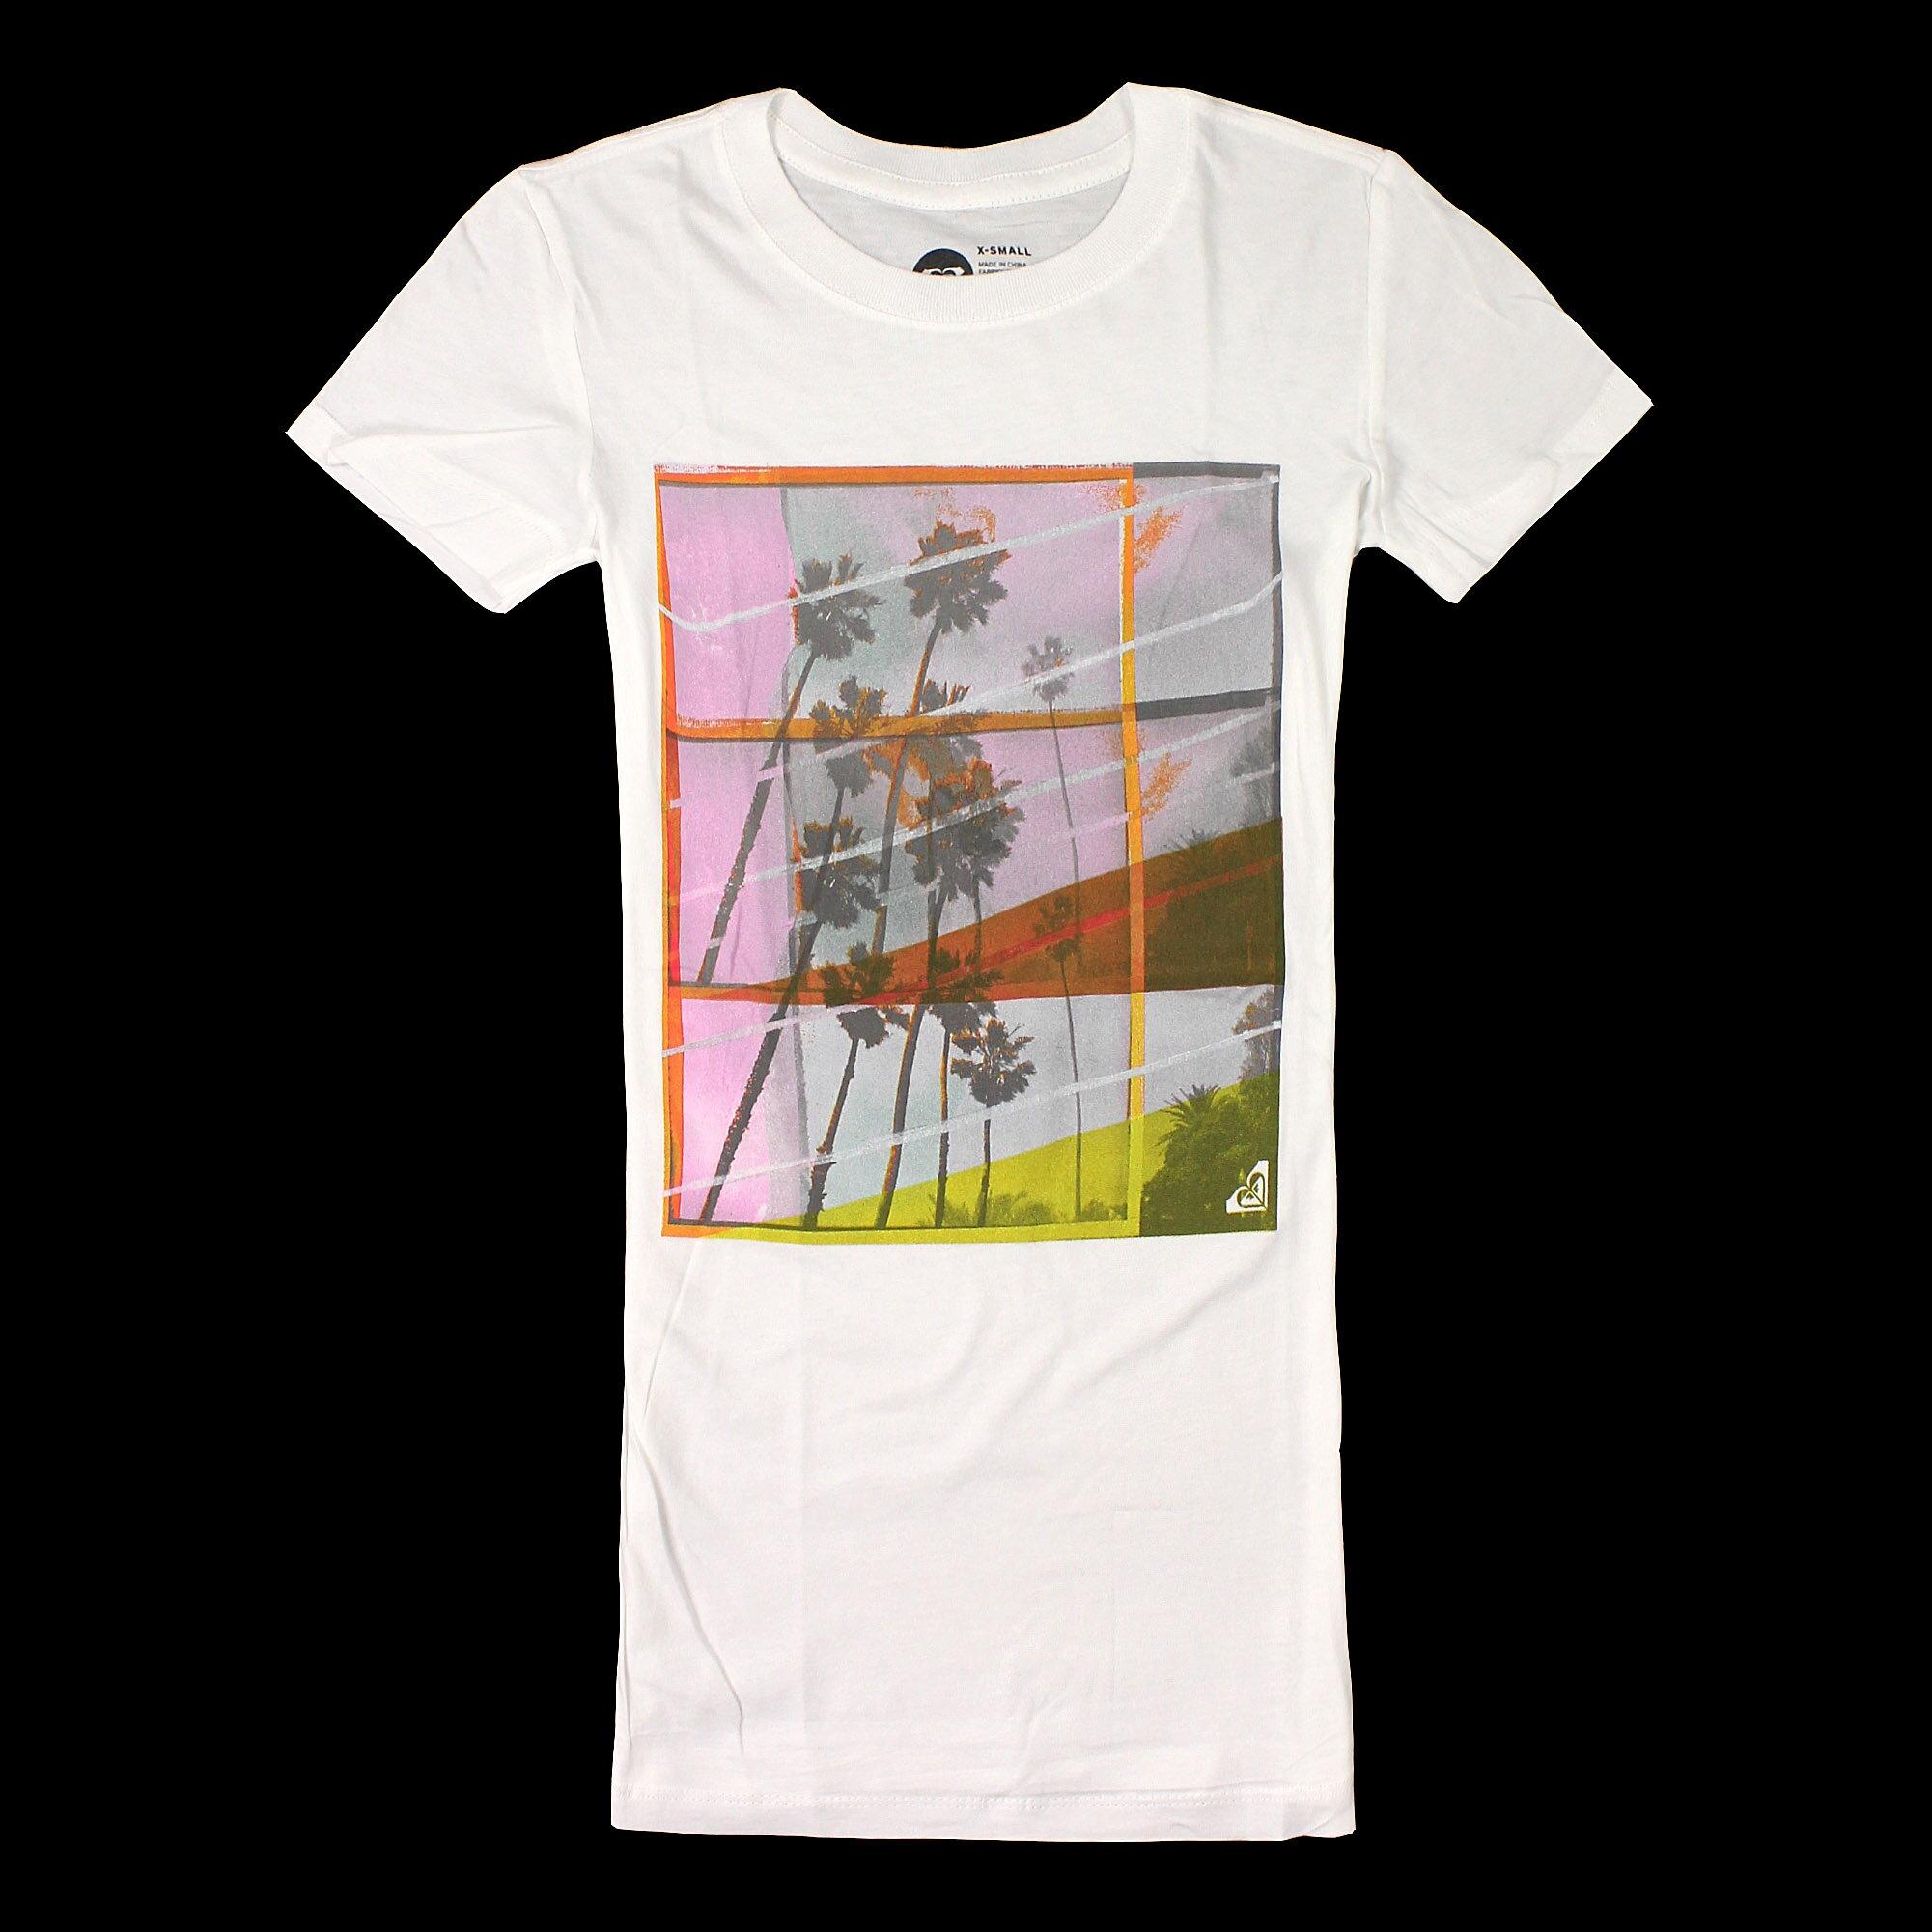 美國百分百【全新真品】Roxy T恤 短袖 上衣 T-shirt Logo 白色 春夏 椰子樹 純棉 修身 女 XS S M號